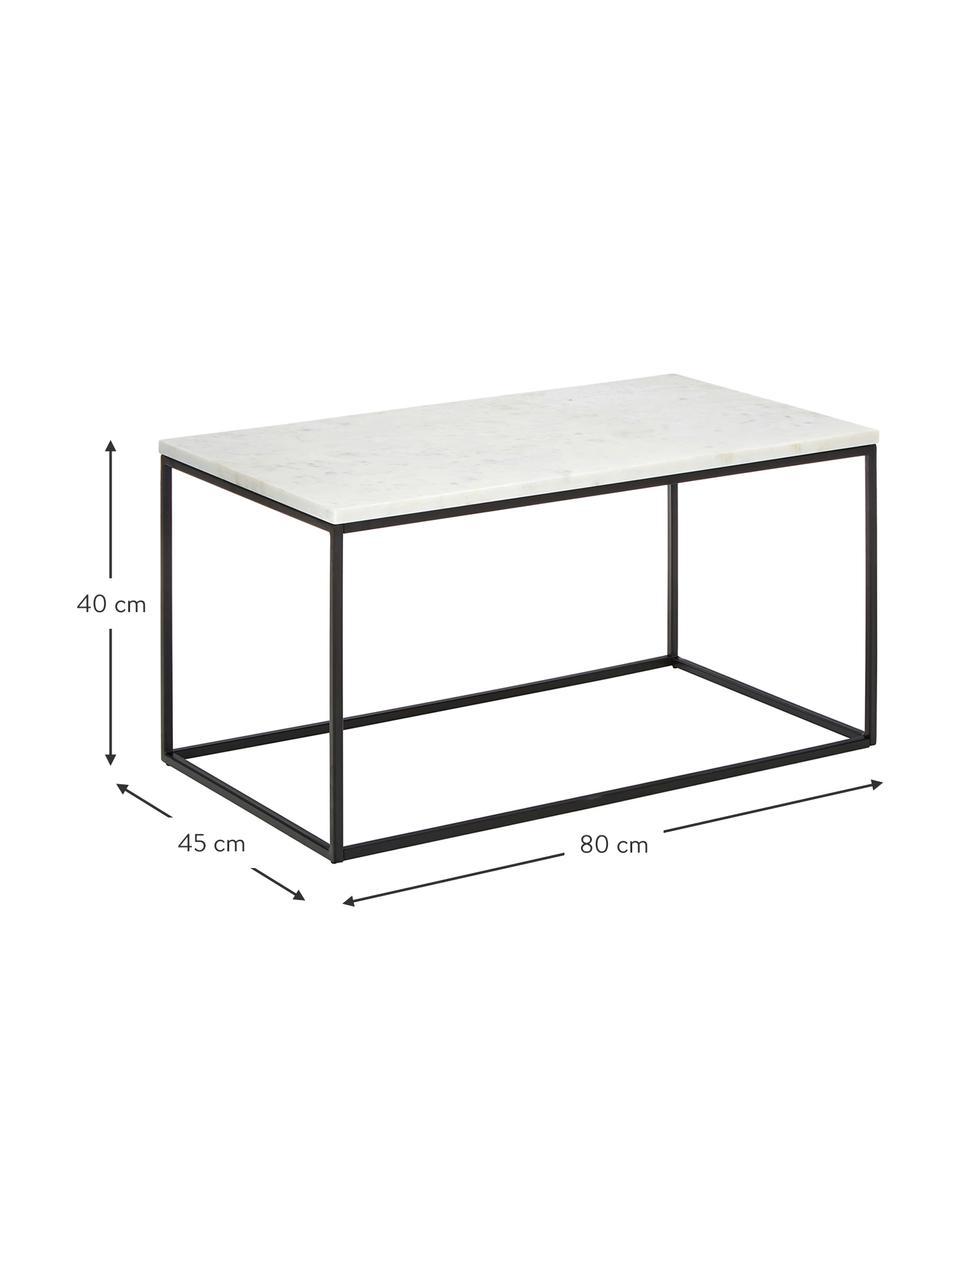 Marmeren salontafel Alys, Tafelblad: marmer, Frame: gepoedercoat metaal, Tafelblad: wit-grijs marmer. Frame: mat zwart, 80 x 40 cm